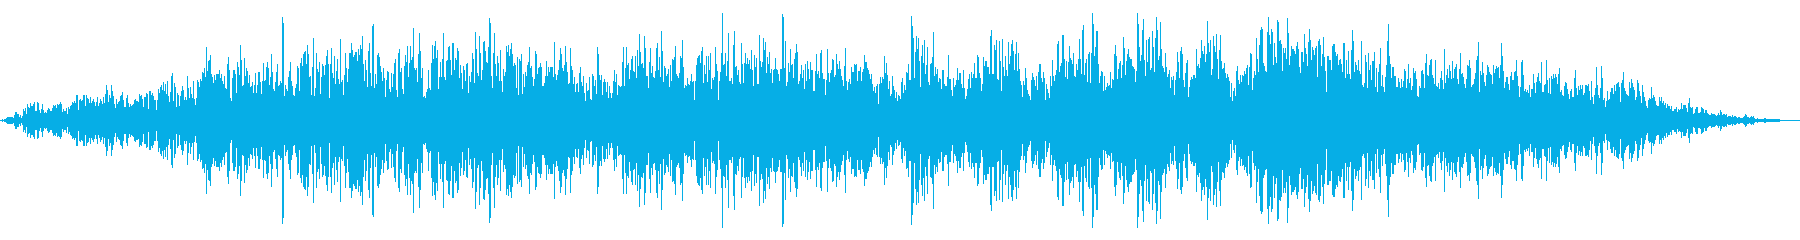 電子突然変異のスクラッチの再生済みの波形